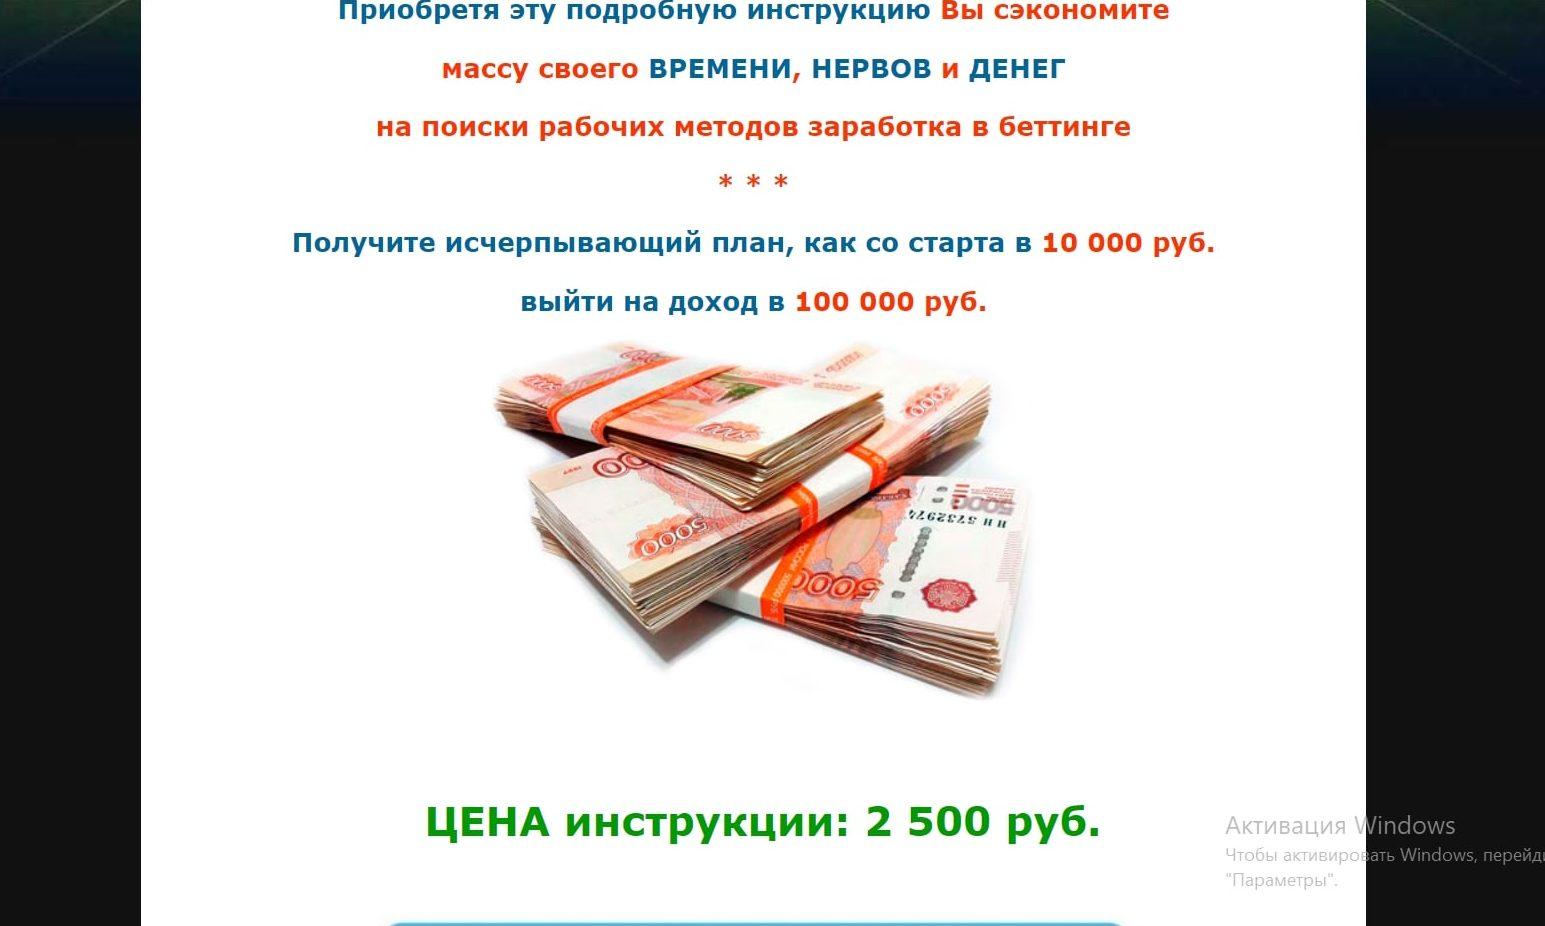 Николай Сидоренко и его прогнозы на спортивные события – цена инструкции